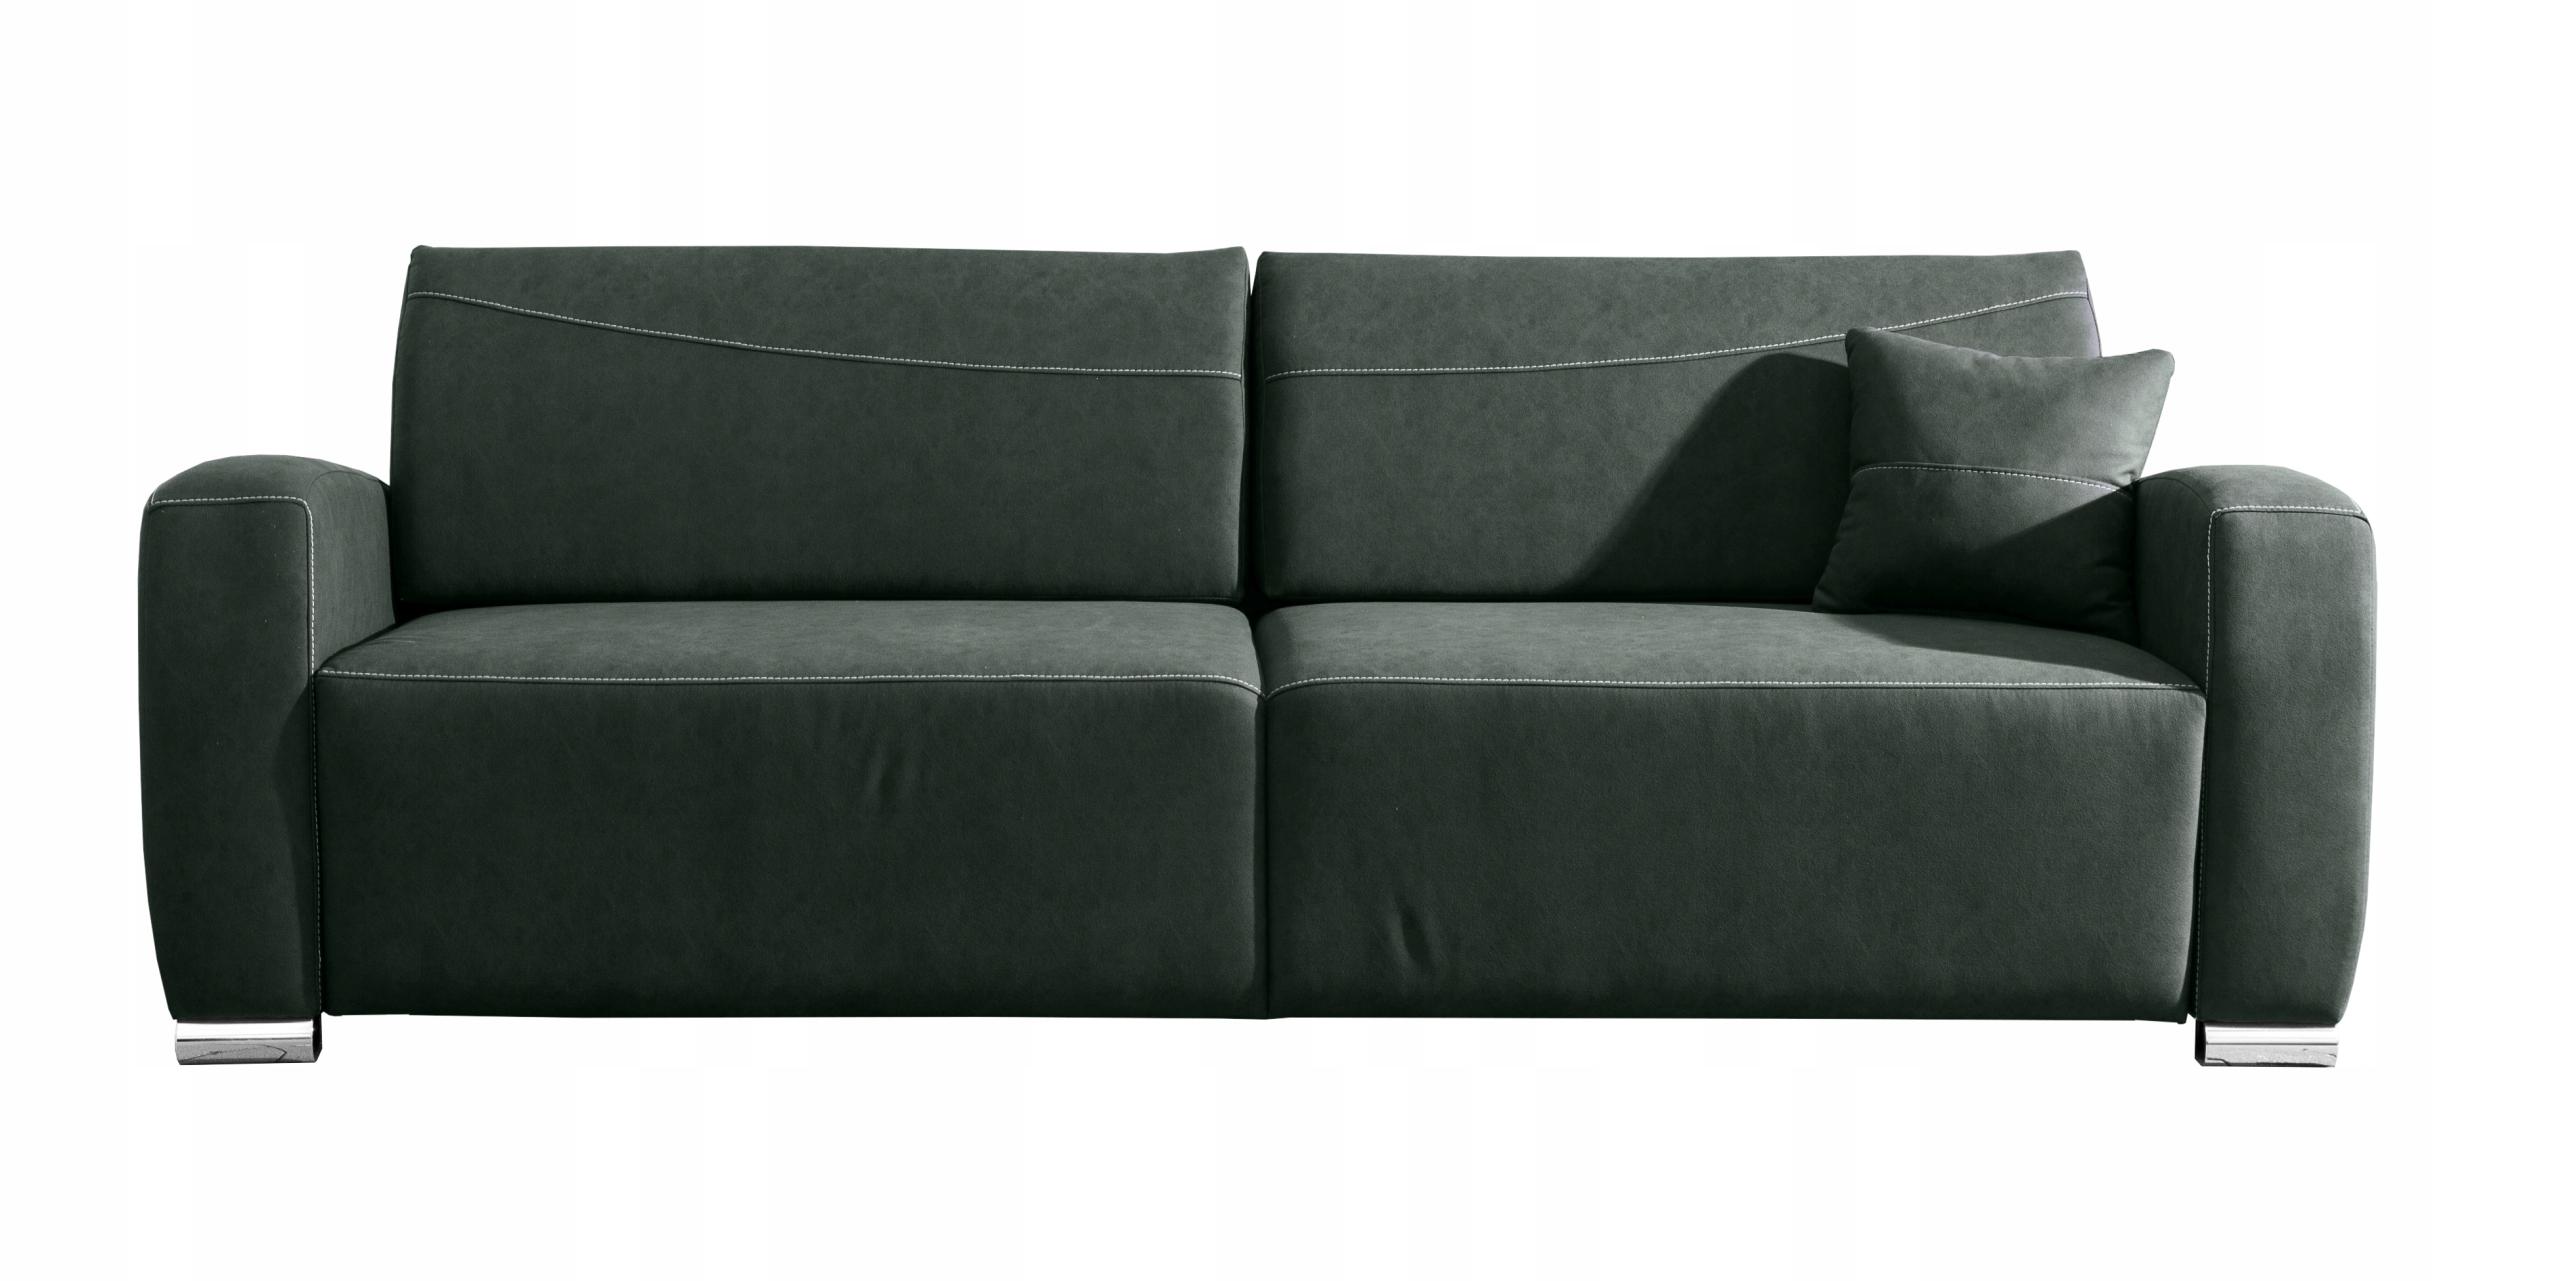 RENO LUX stilvolles Sofa für das Wohnzimmer / f. Schlafen / Farben Die Tiefe der Möbel 97 cm